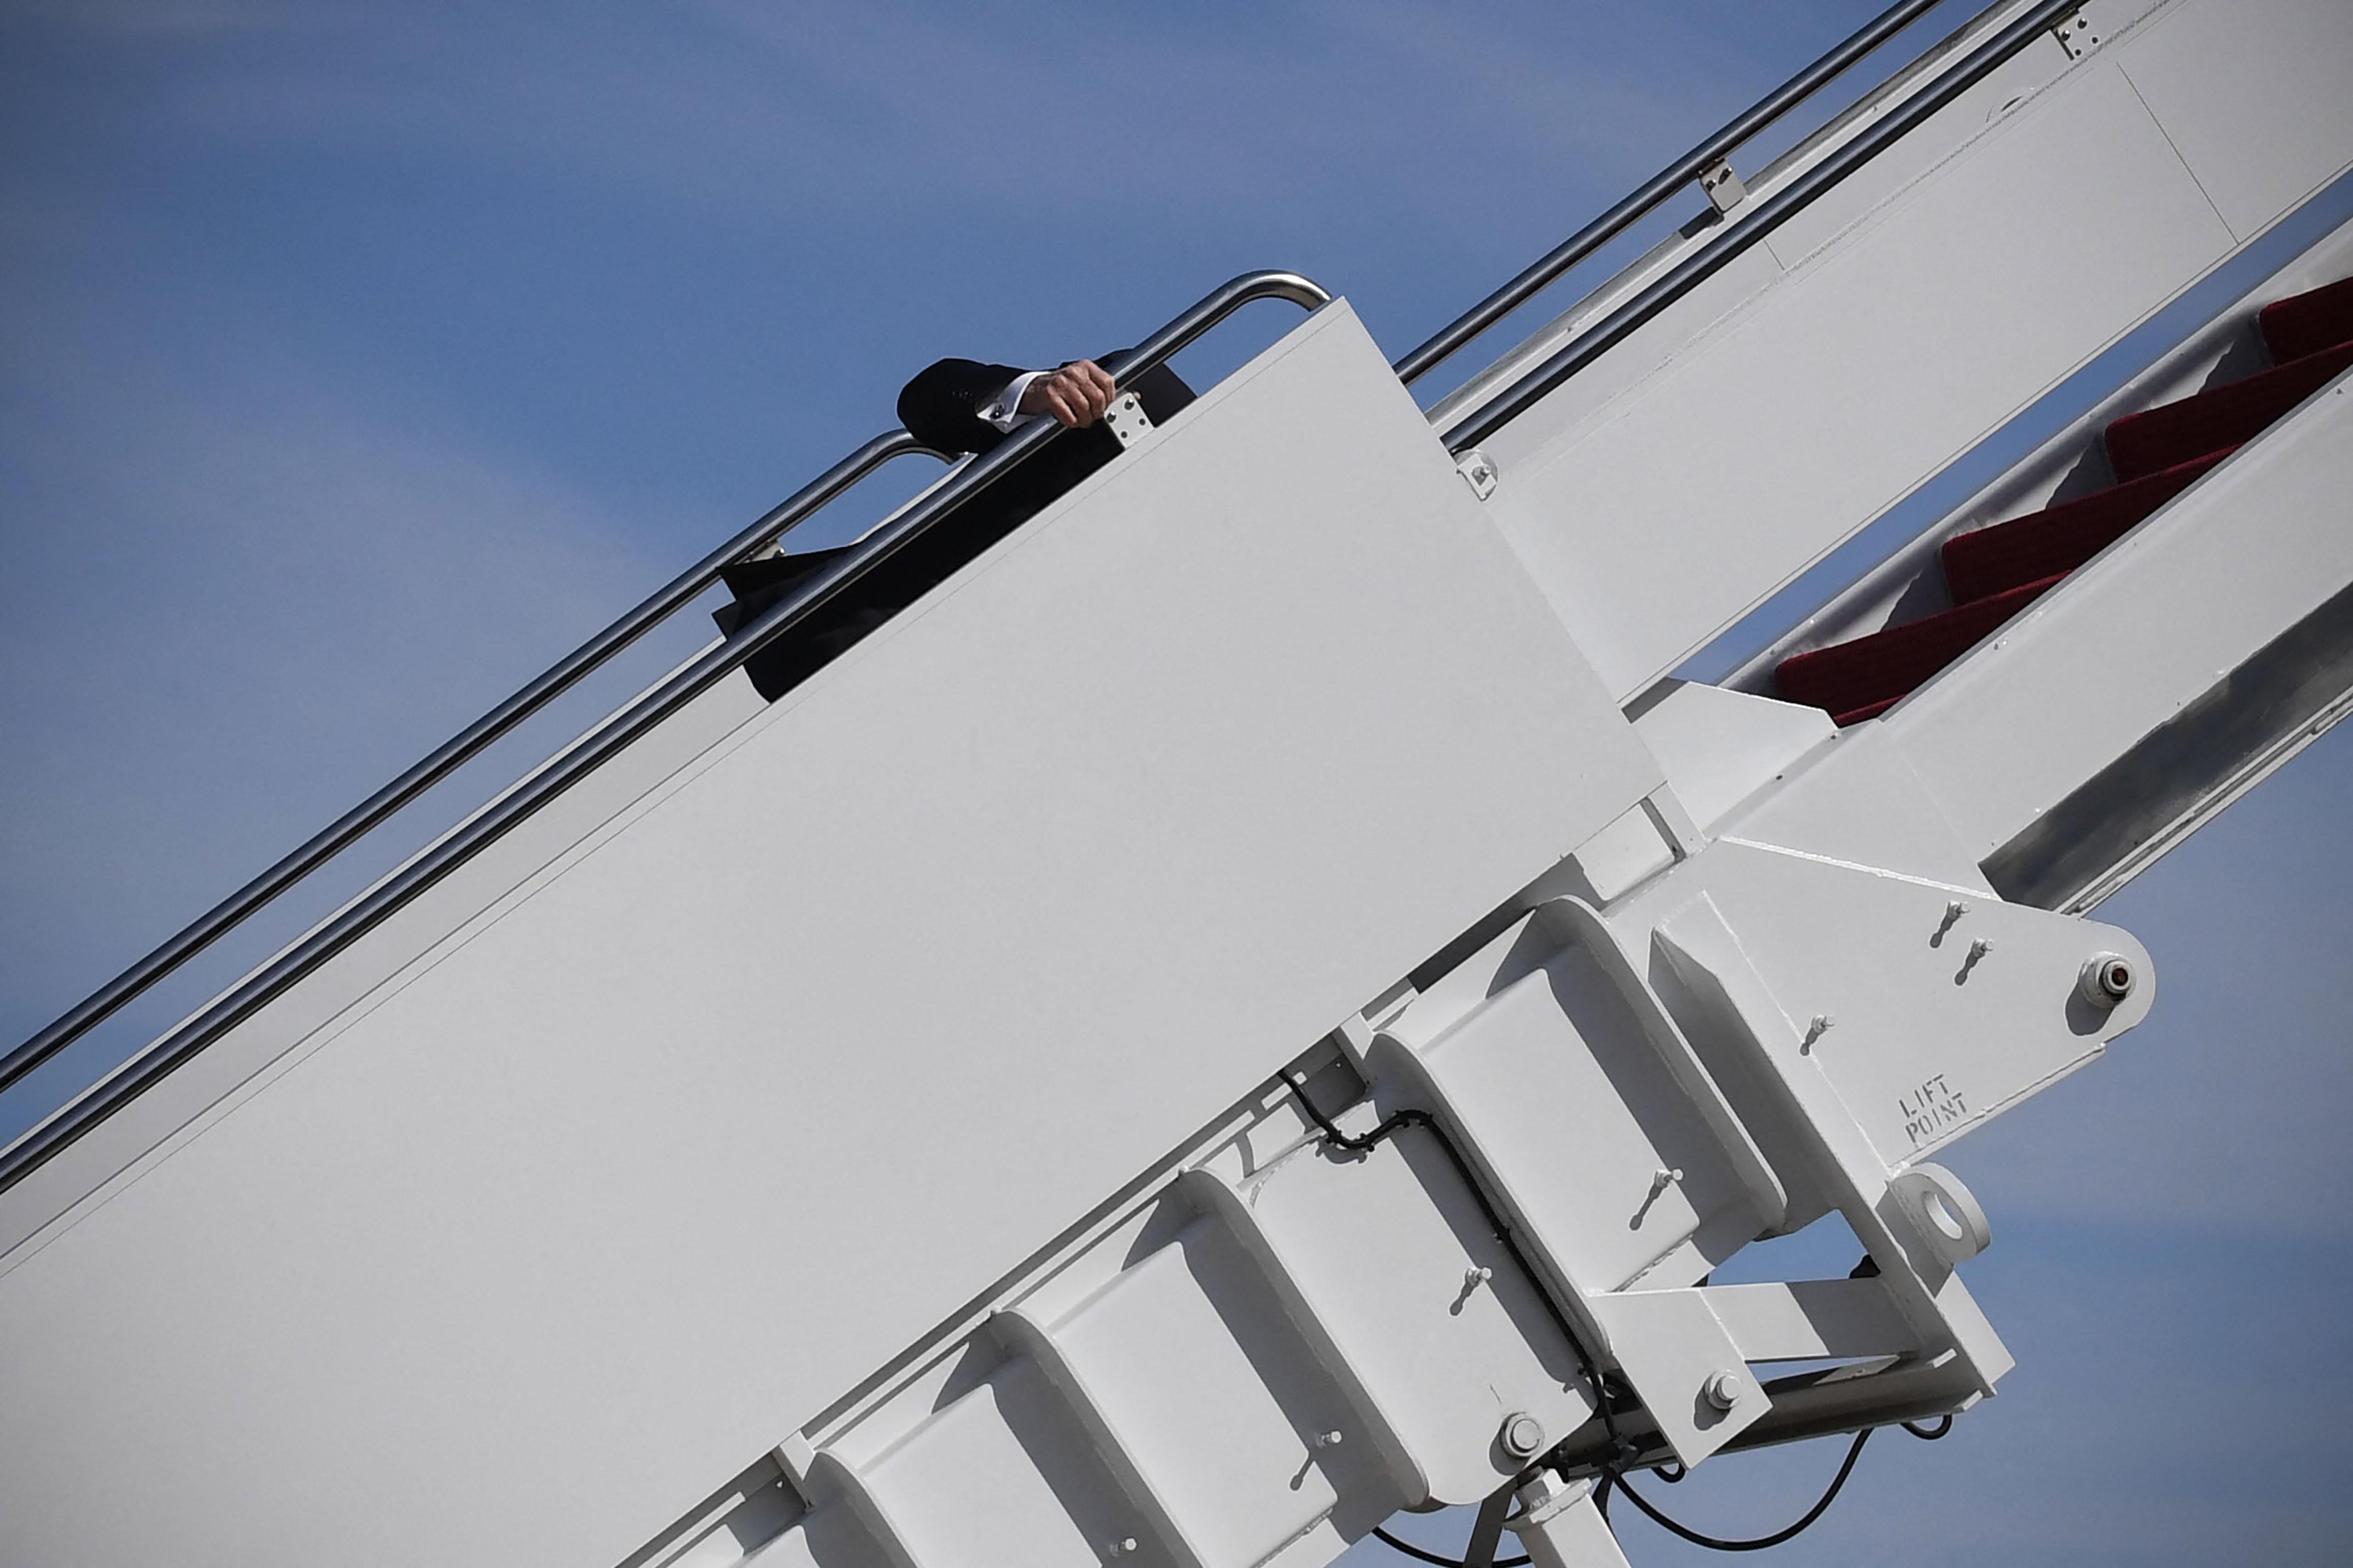 El presidente de los Estados Unidos, Joe Biden, viaja mientras aborda el Air Force One en la Base Conjunta Andrews en Maryland el 19 de marzo de 2021.